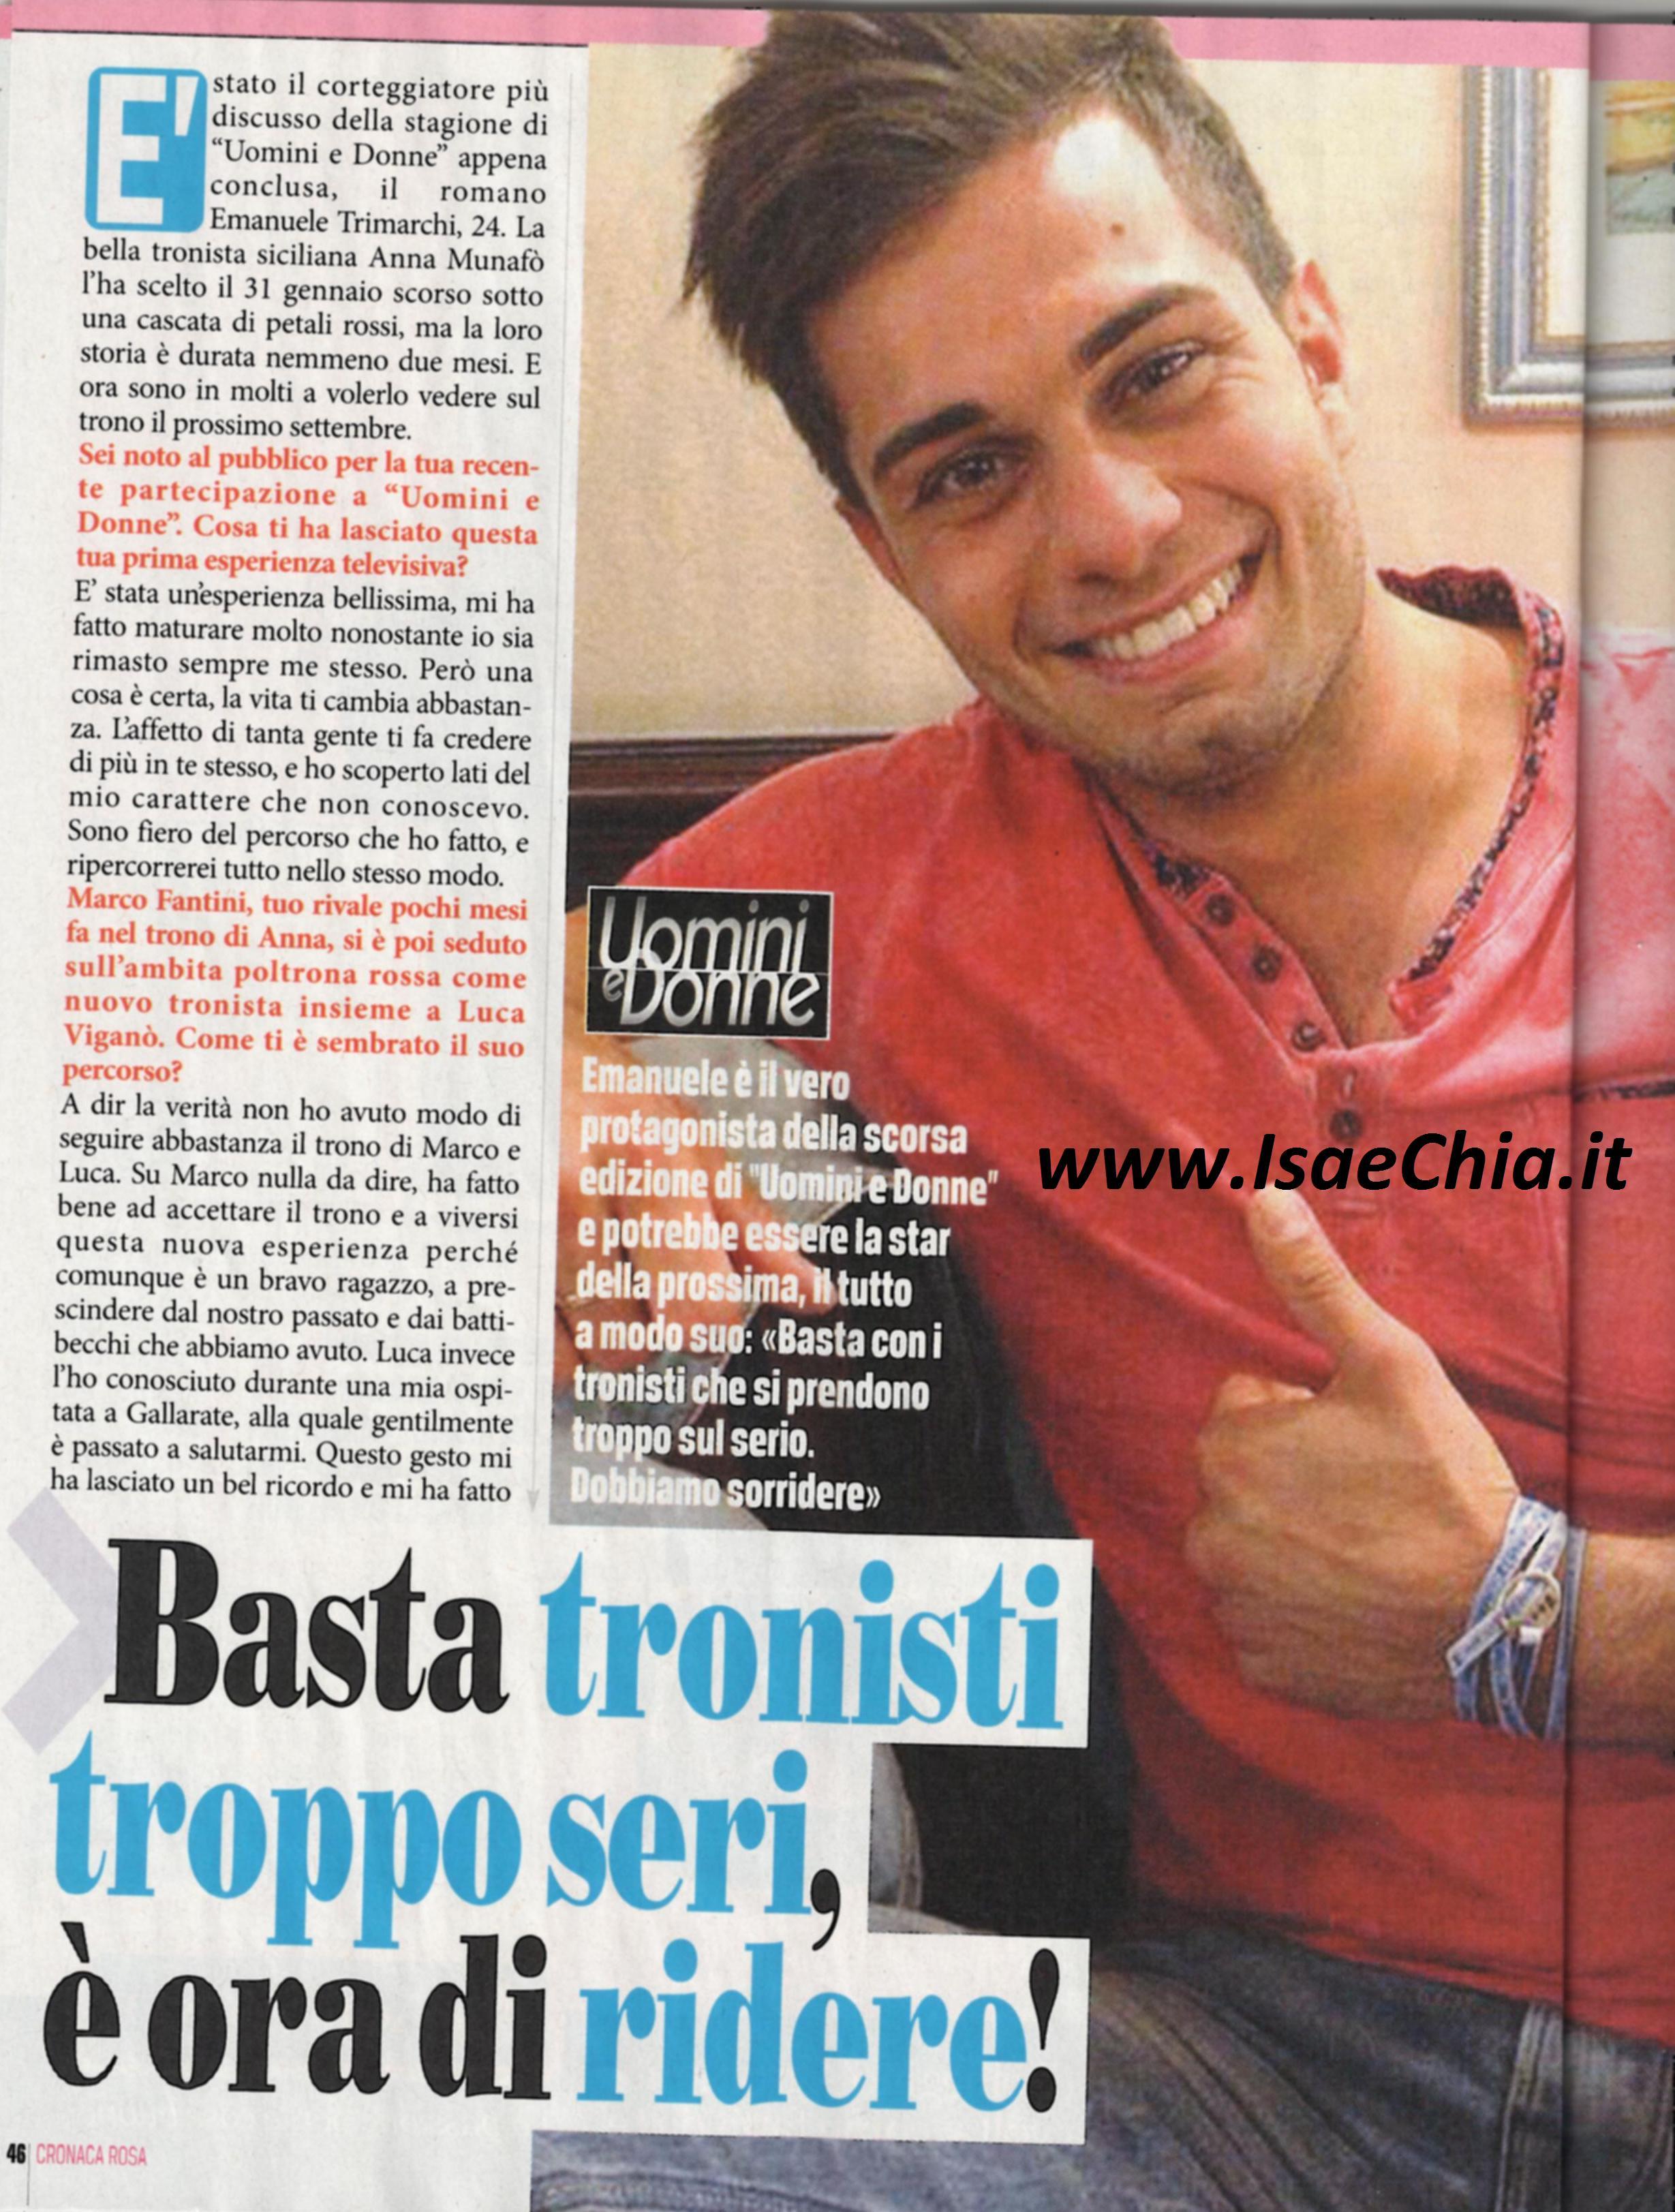 Emanuele trimarchi intervistato da chia per cronaca rosa for Criceto morto